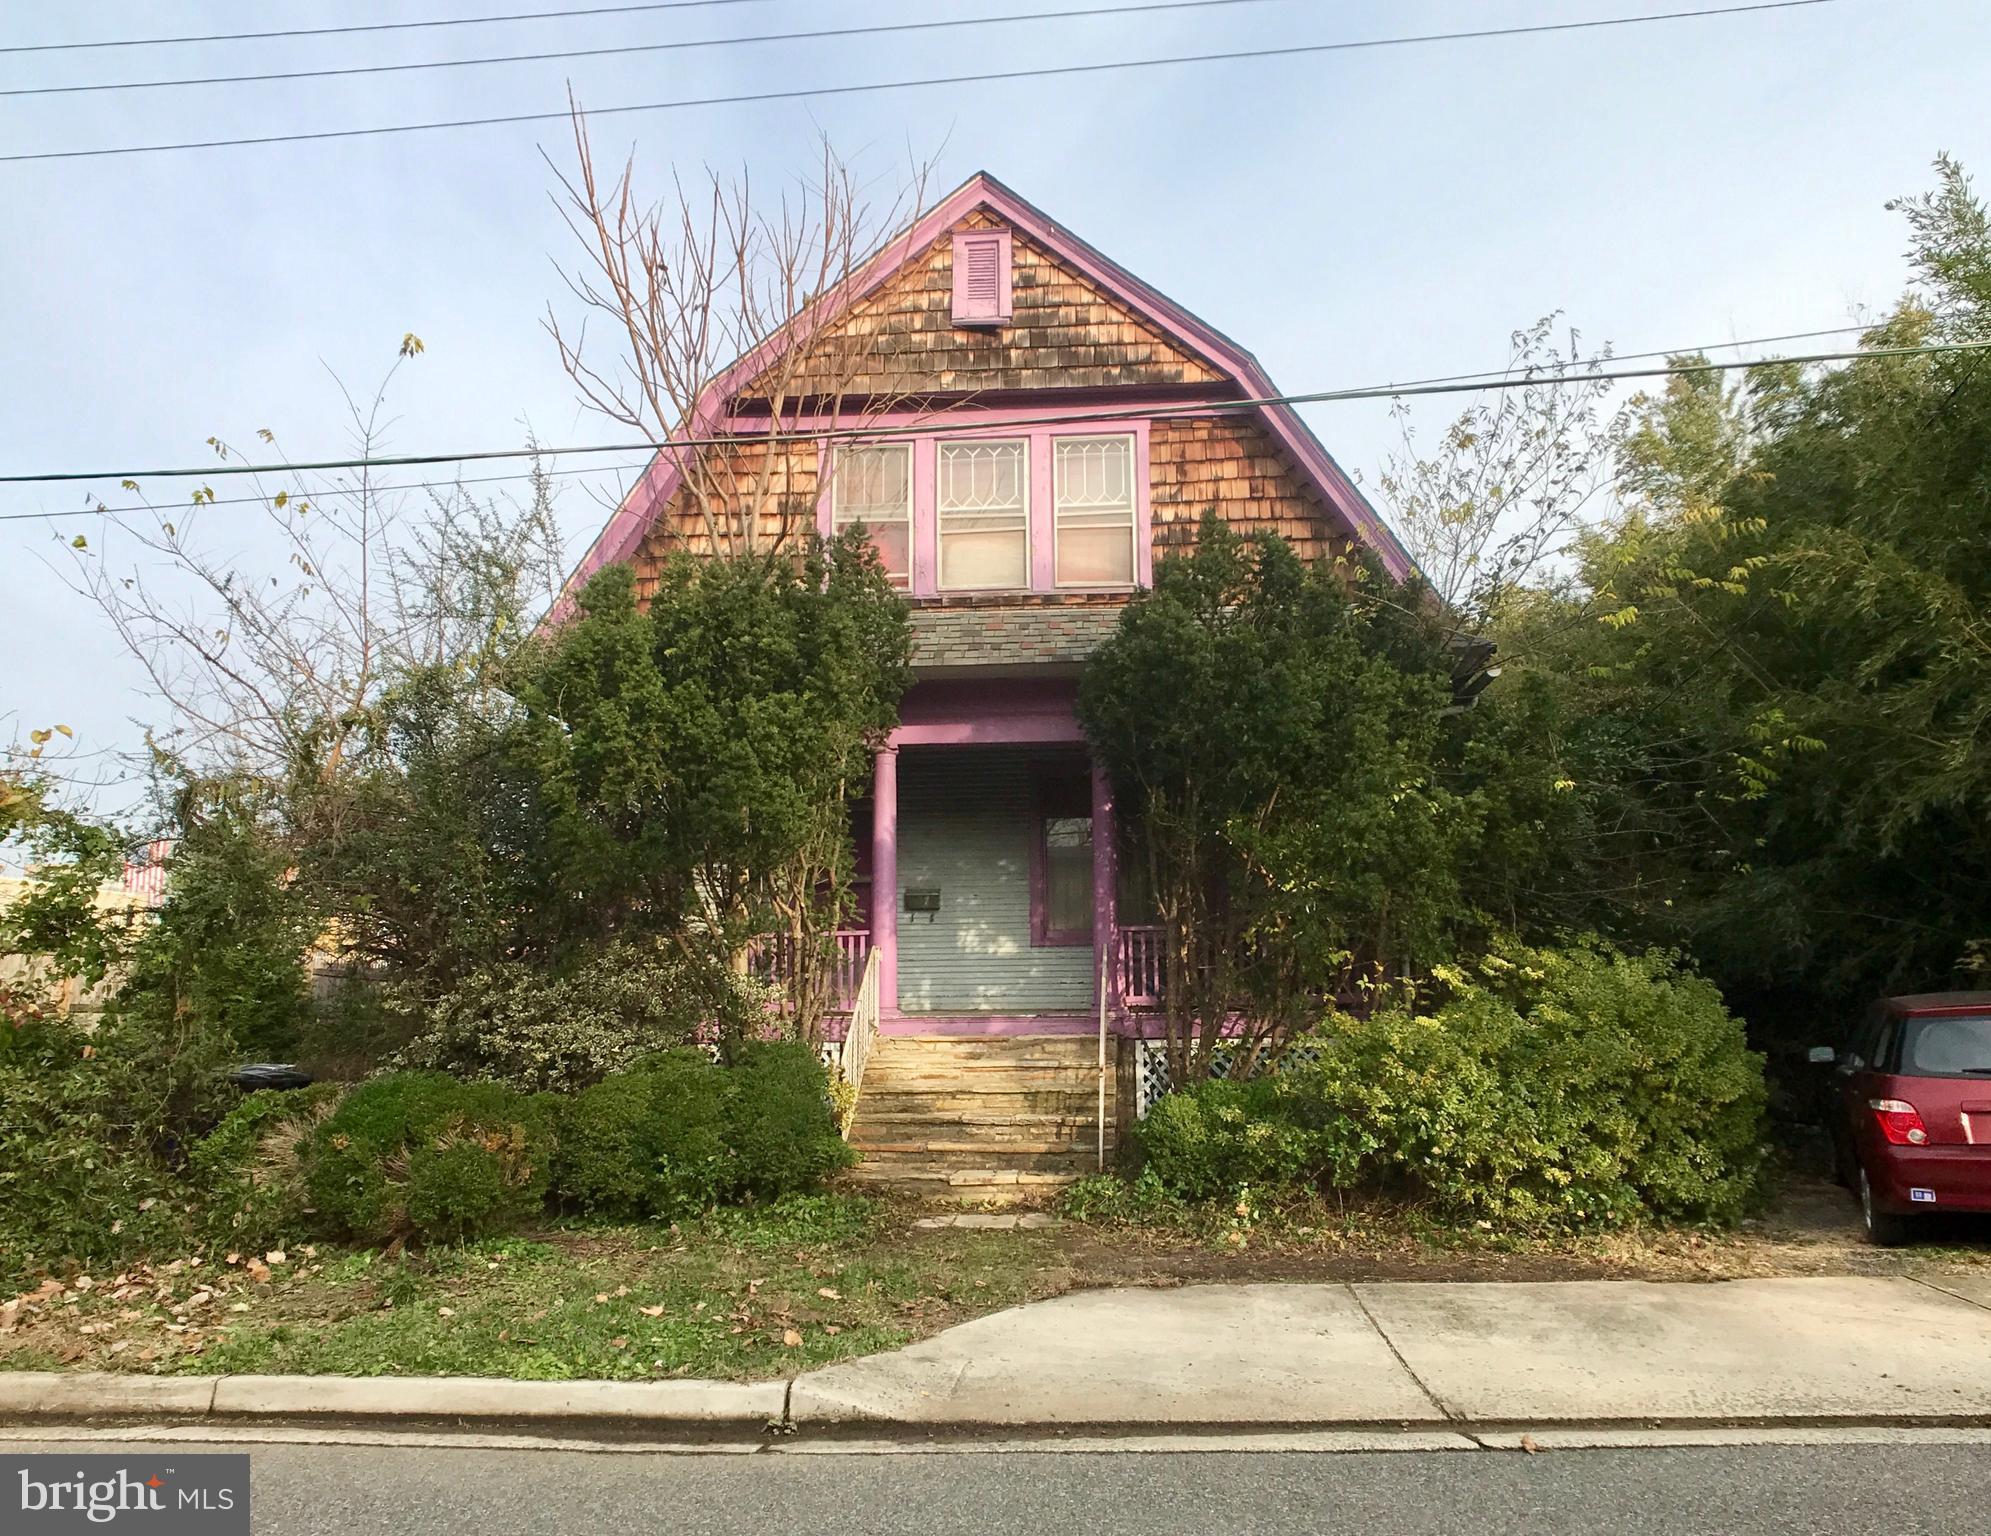 923 N IVY STREET, ARLINGTON, VA 22201